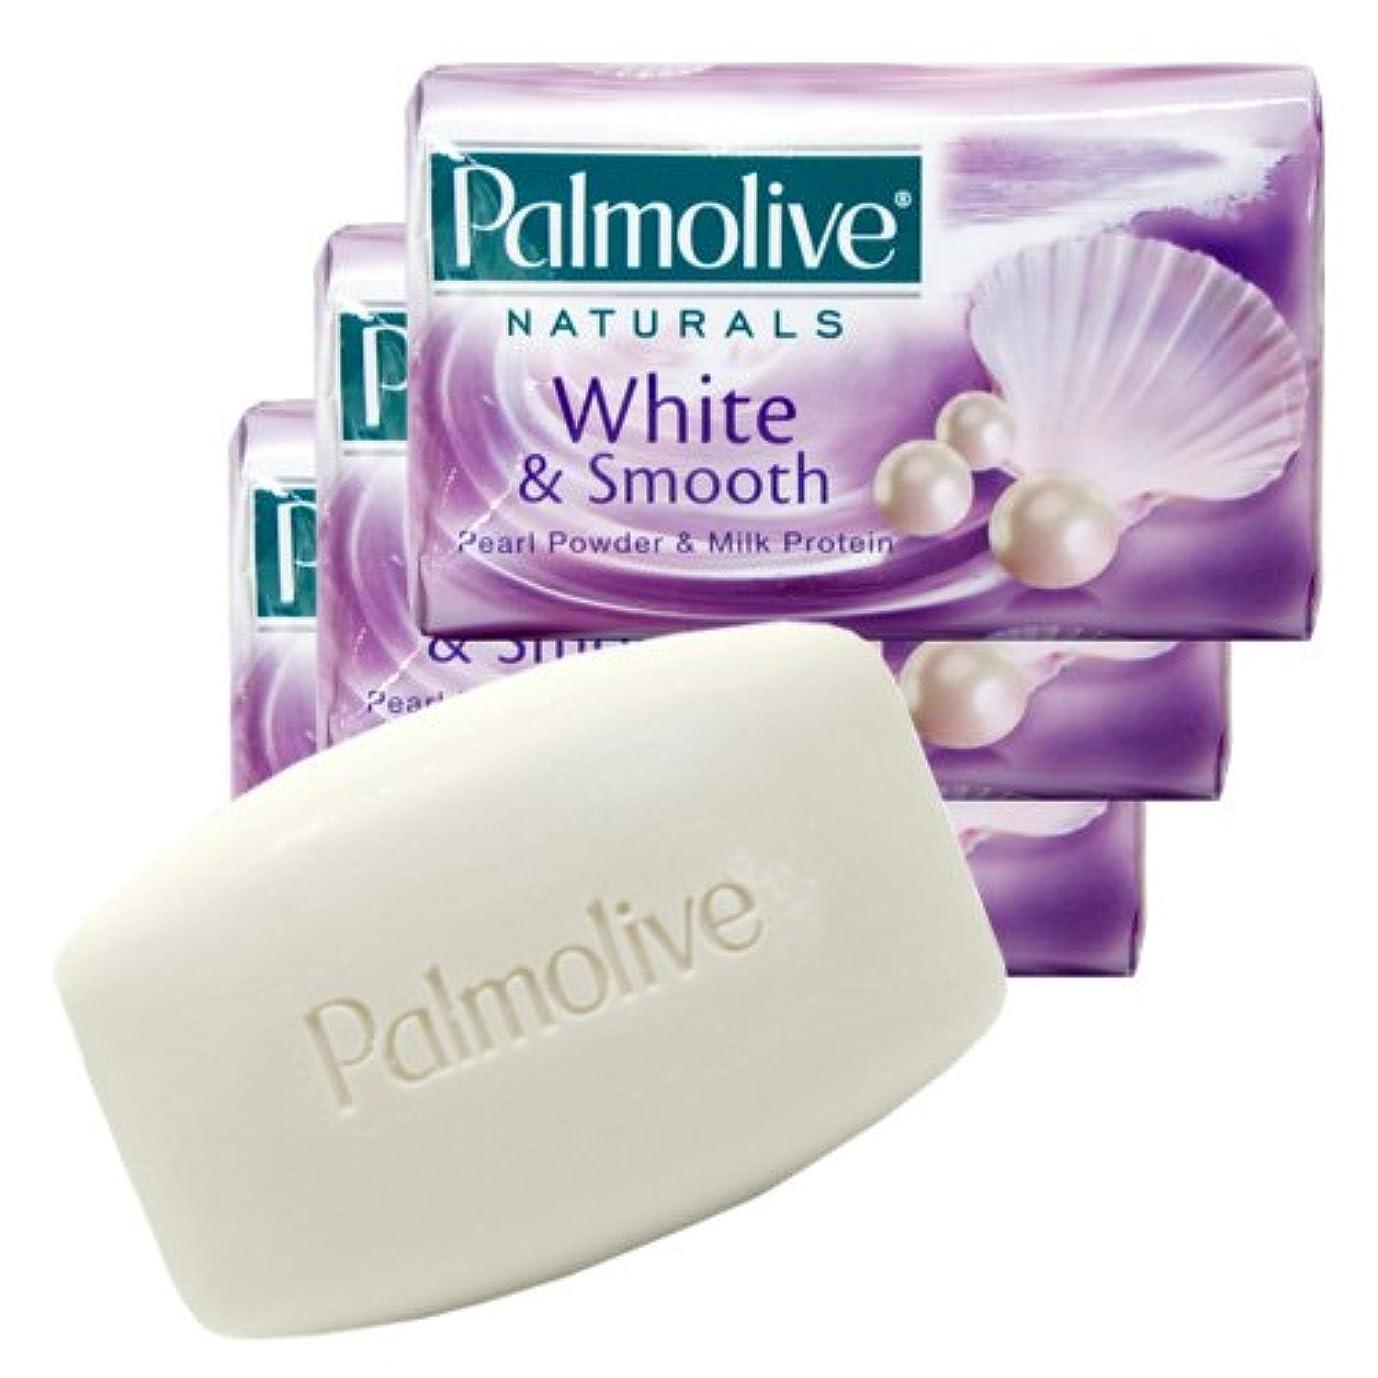 暖炉行う音楽【Palmolive】パルモリーブ ナチュラルズ石鹸3個パック ホワイト&スムース(パールパウダー&ミルクプロテイン)80g×3